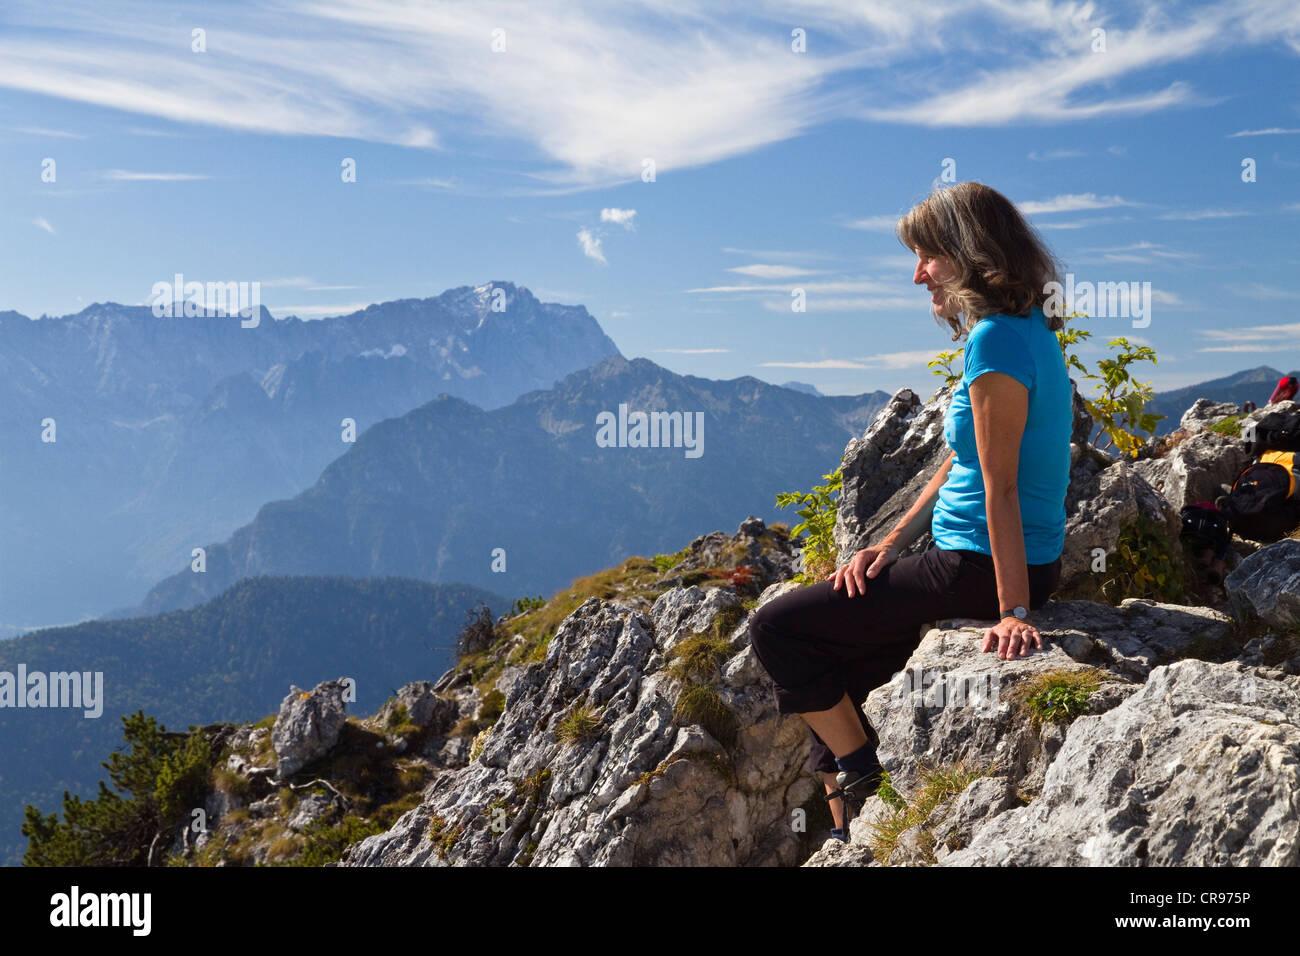 Klettersteig Am Ettaler Mandl : Frau am ettaler manndl berg ein sub gipfel laberberg in